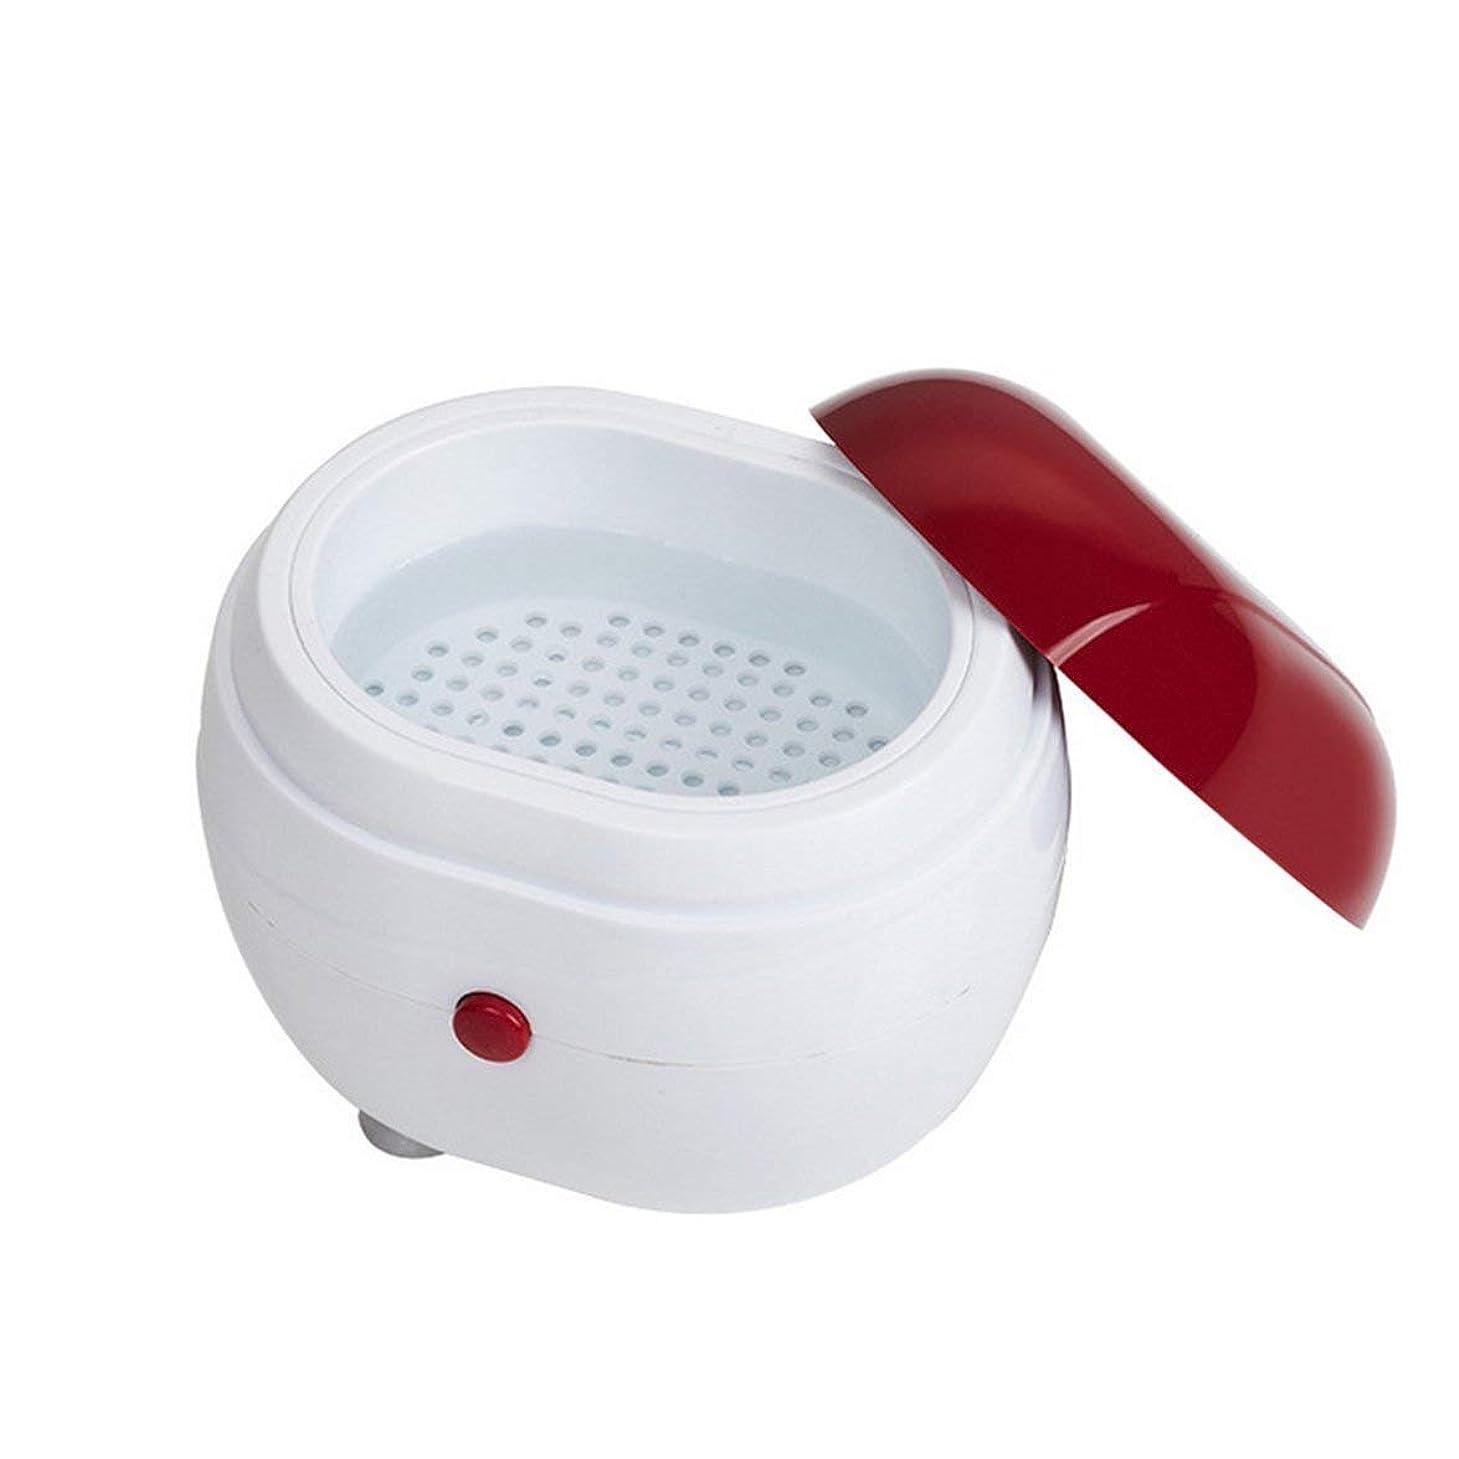 人柄運動する引き渡すポータブル超音波洗濯機家庭用ジュエリーレンズ時計入れ歯クリーニング機洗濯機クリーナークリーニングボックス - 赤&白